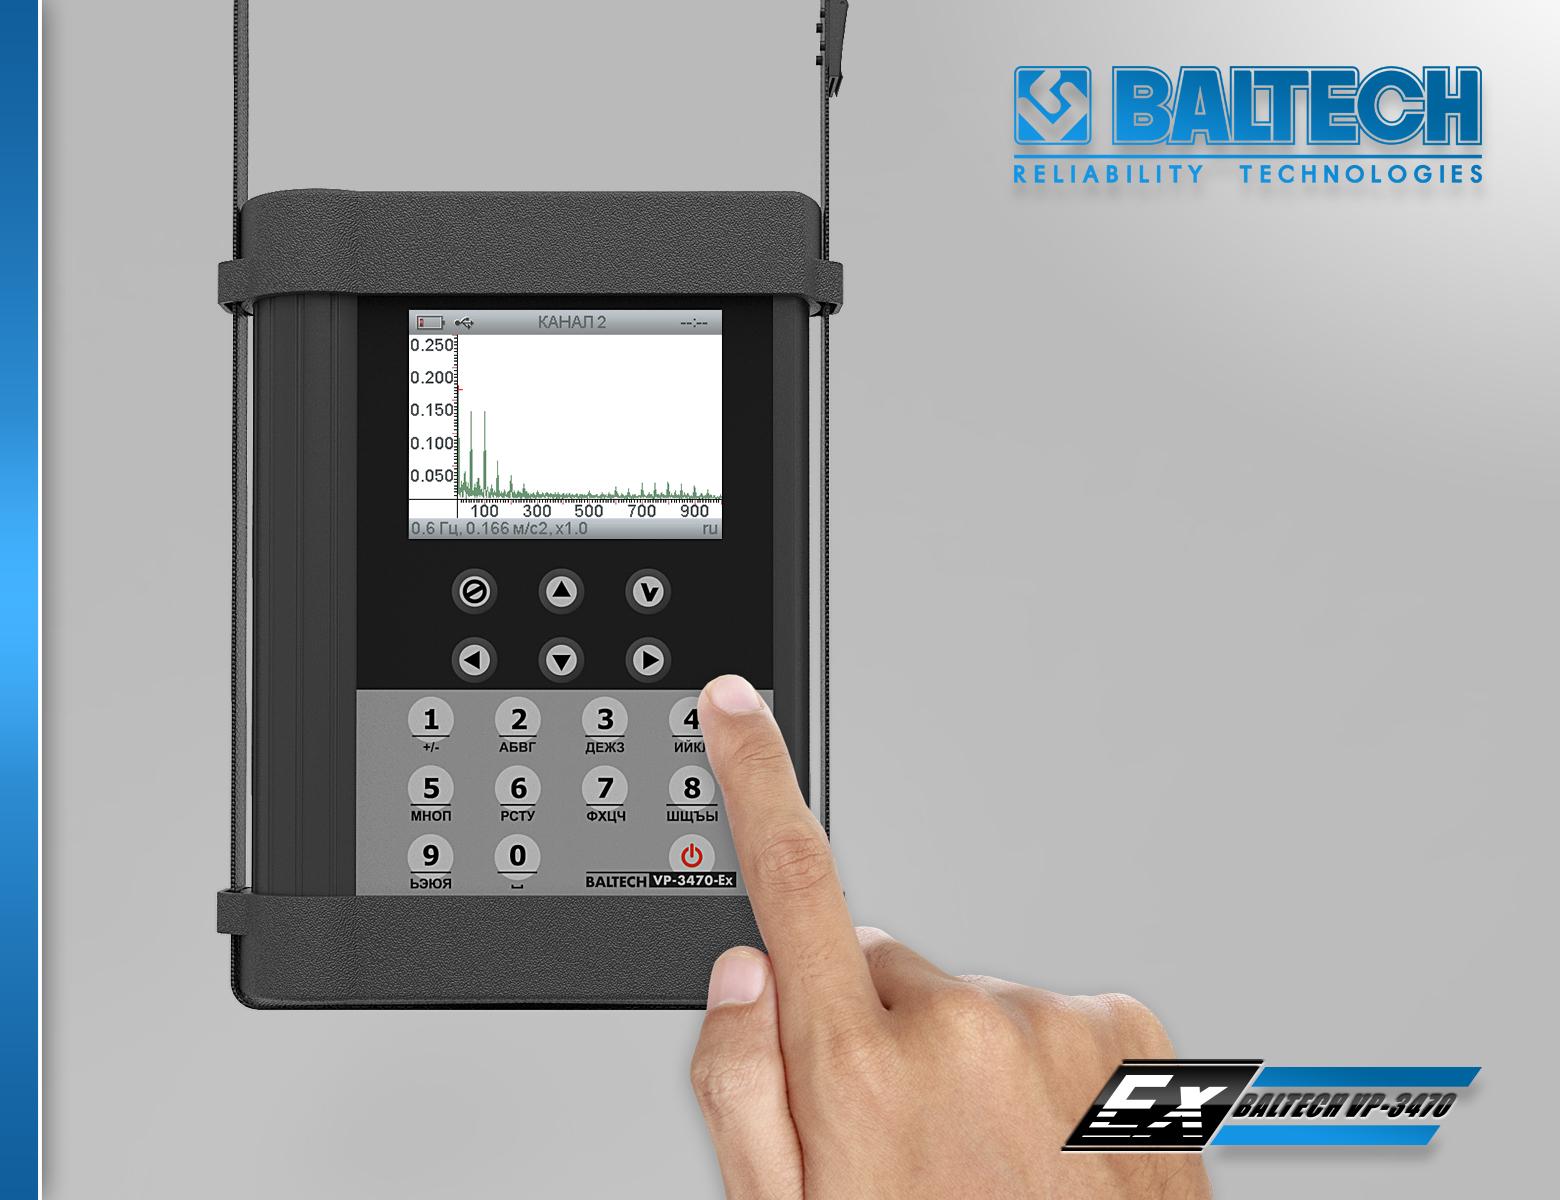 Виброконтроль, методика виброконтроля, пьезоэлектрические датчики вибрации, аппаратура виброконтроля, BALTECH VP-3470-Ех